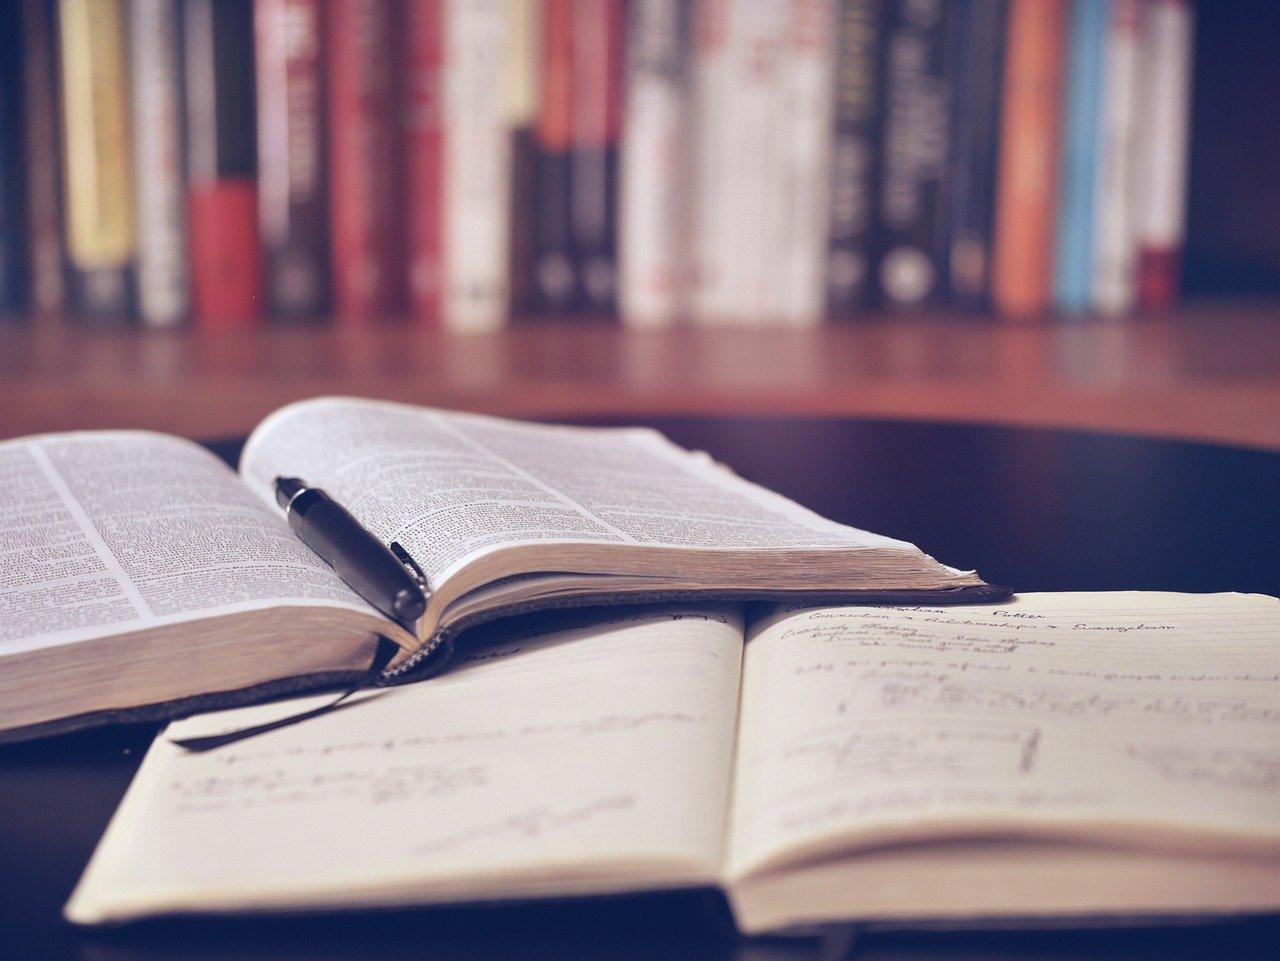 Weź udział w grze miejskiej #bibliocaching. To nowa akcja promująca czytelnictwo w Gniewie